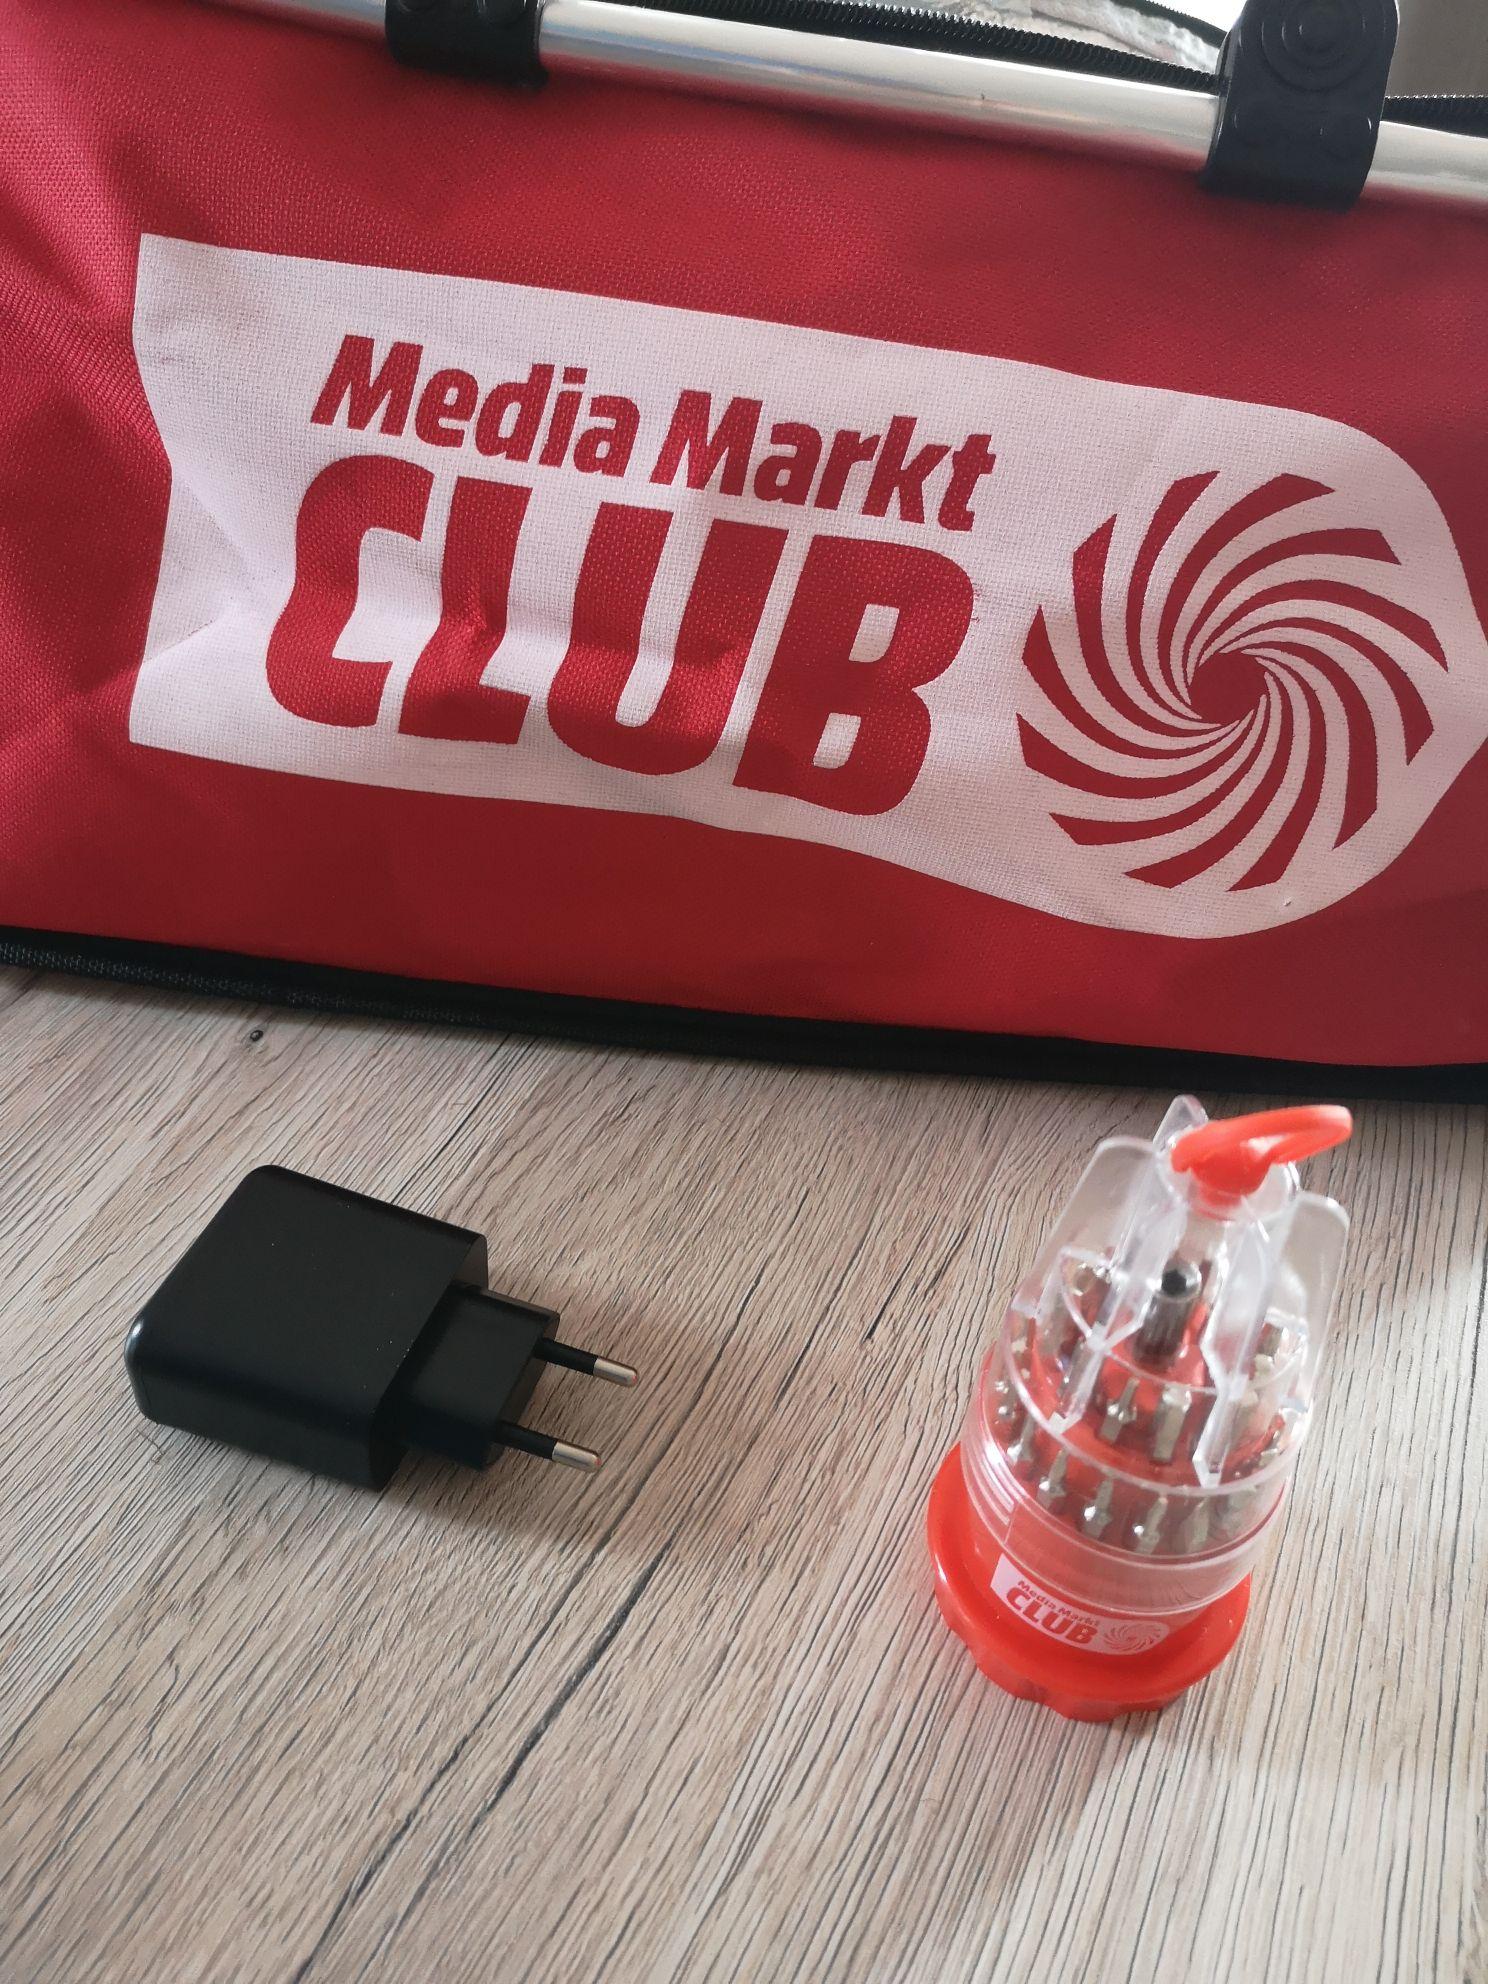 Lokal Media Markt Rheine - Verschiedene Club Prämien günstig im Abverkauf